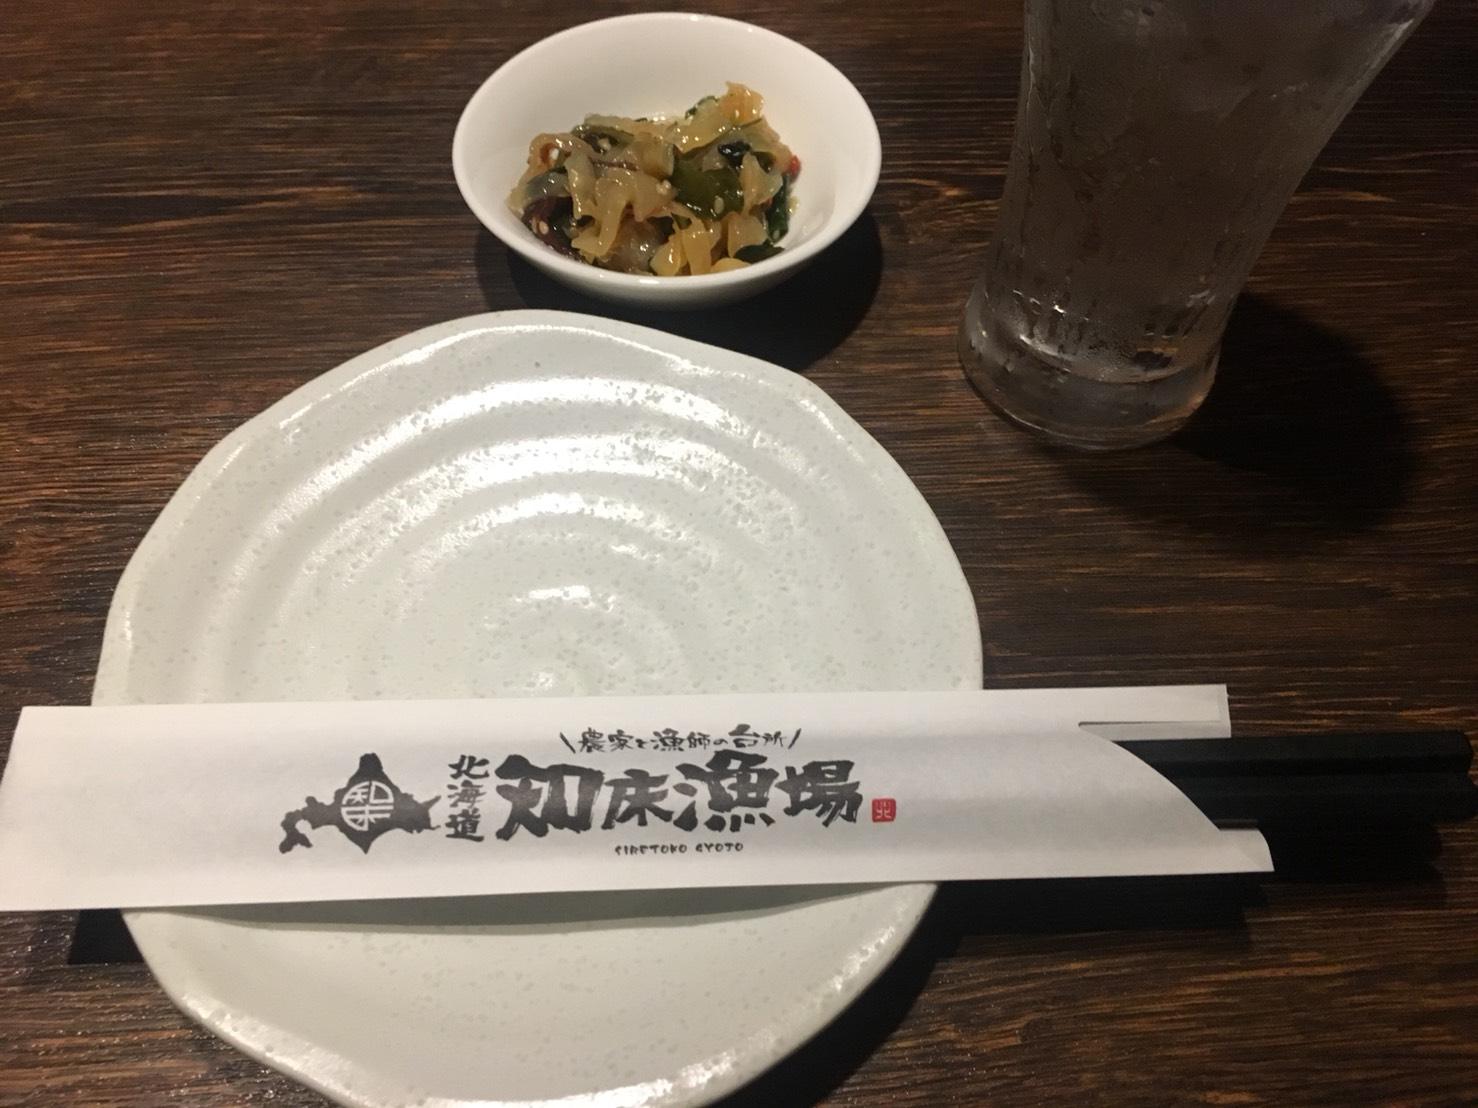 【池袋駅】いくらこぼれ丼を求めて「北海道知床漁場」のお通し